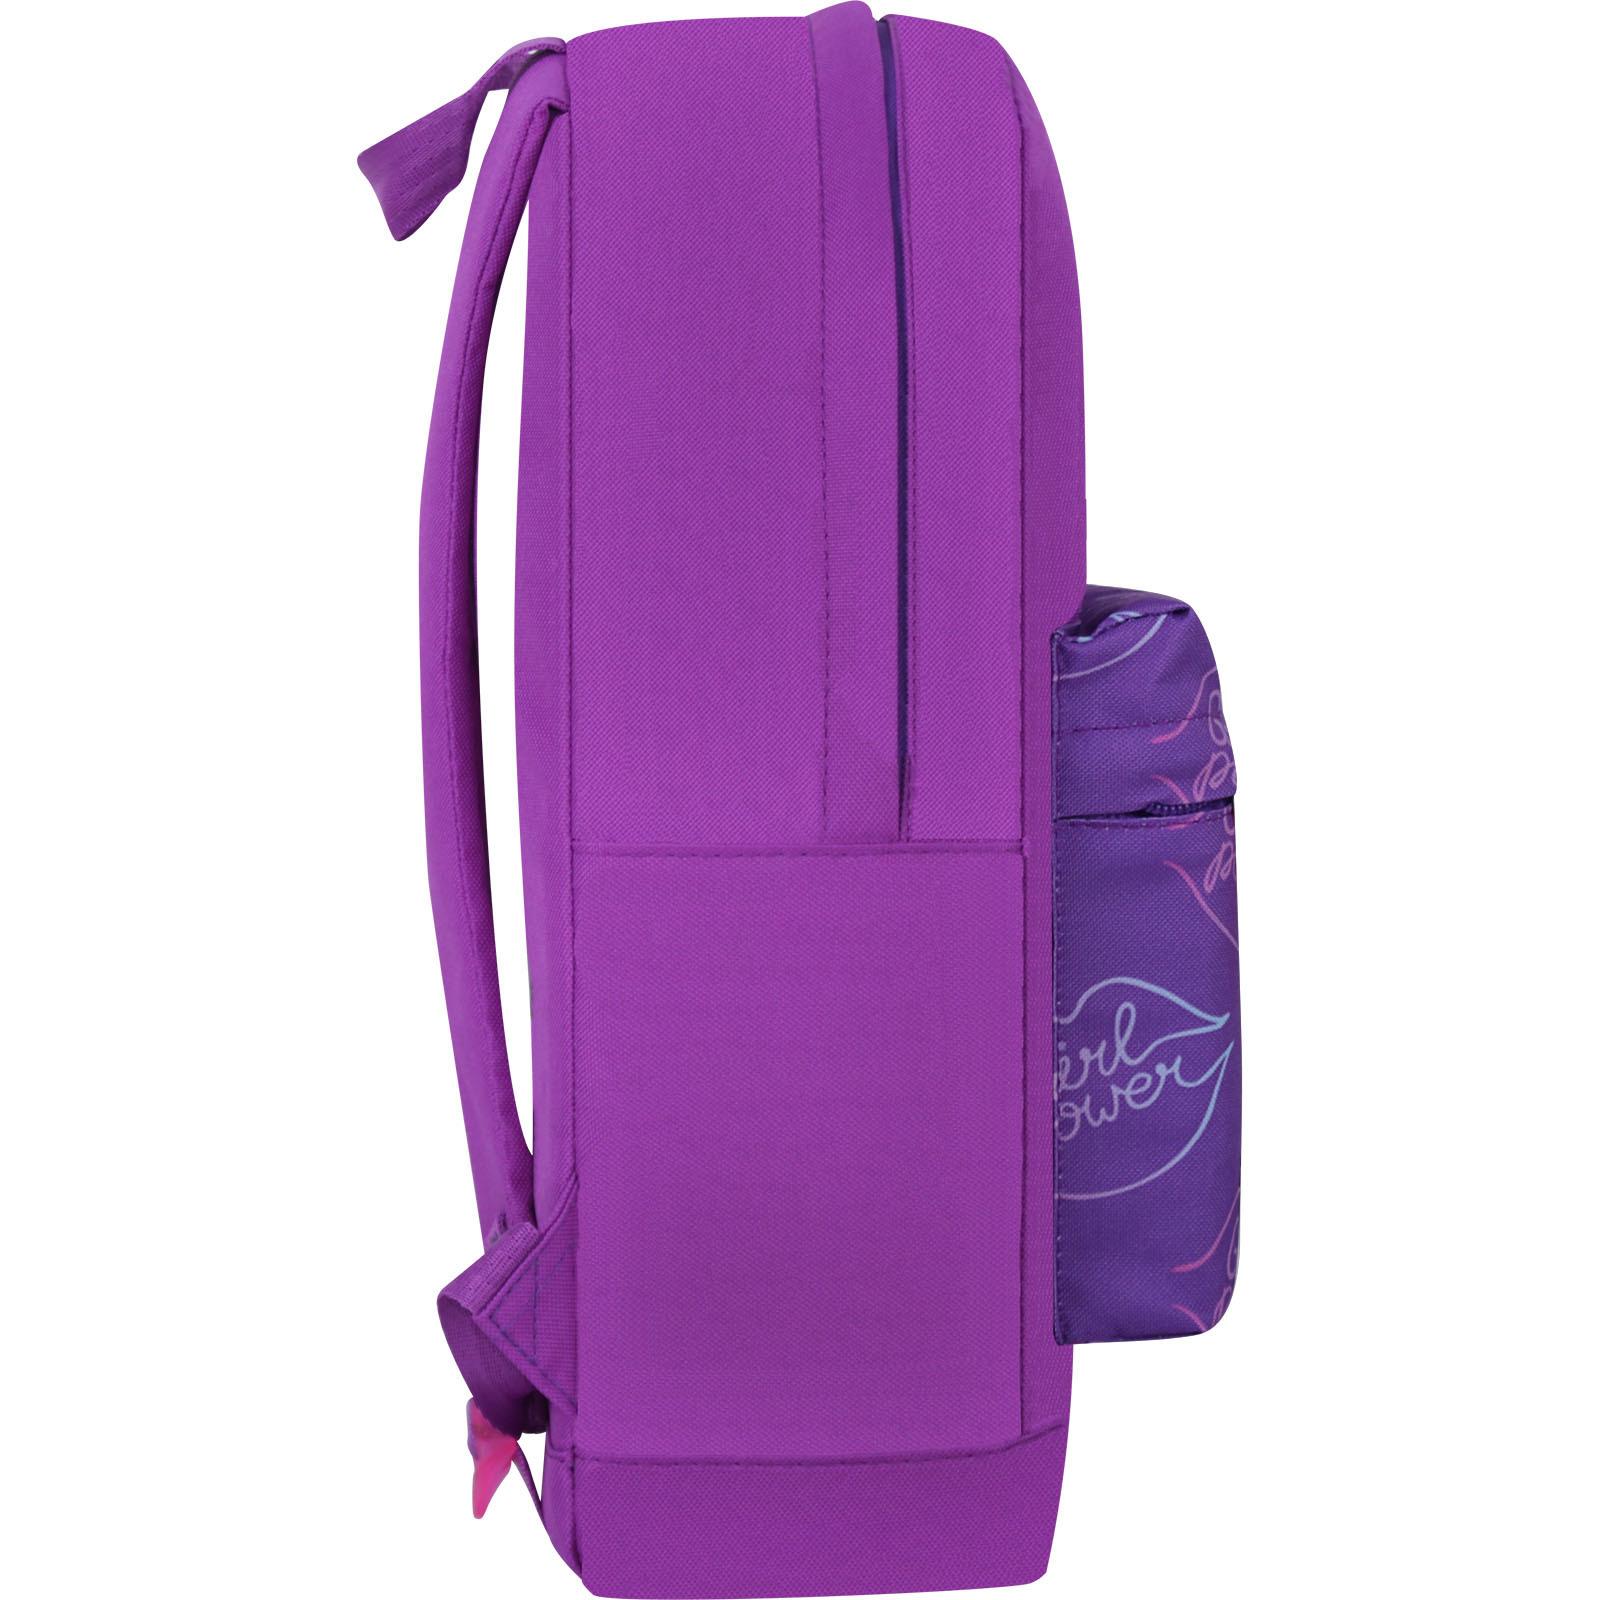 Рюкзак Bagland Молодежный W/R 17 л. 170 Фиолетовый 772 (00533662) фото 2